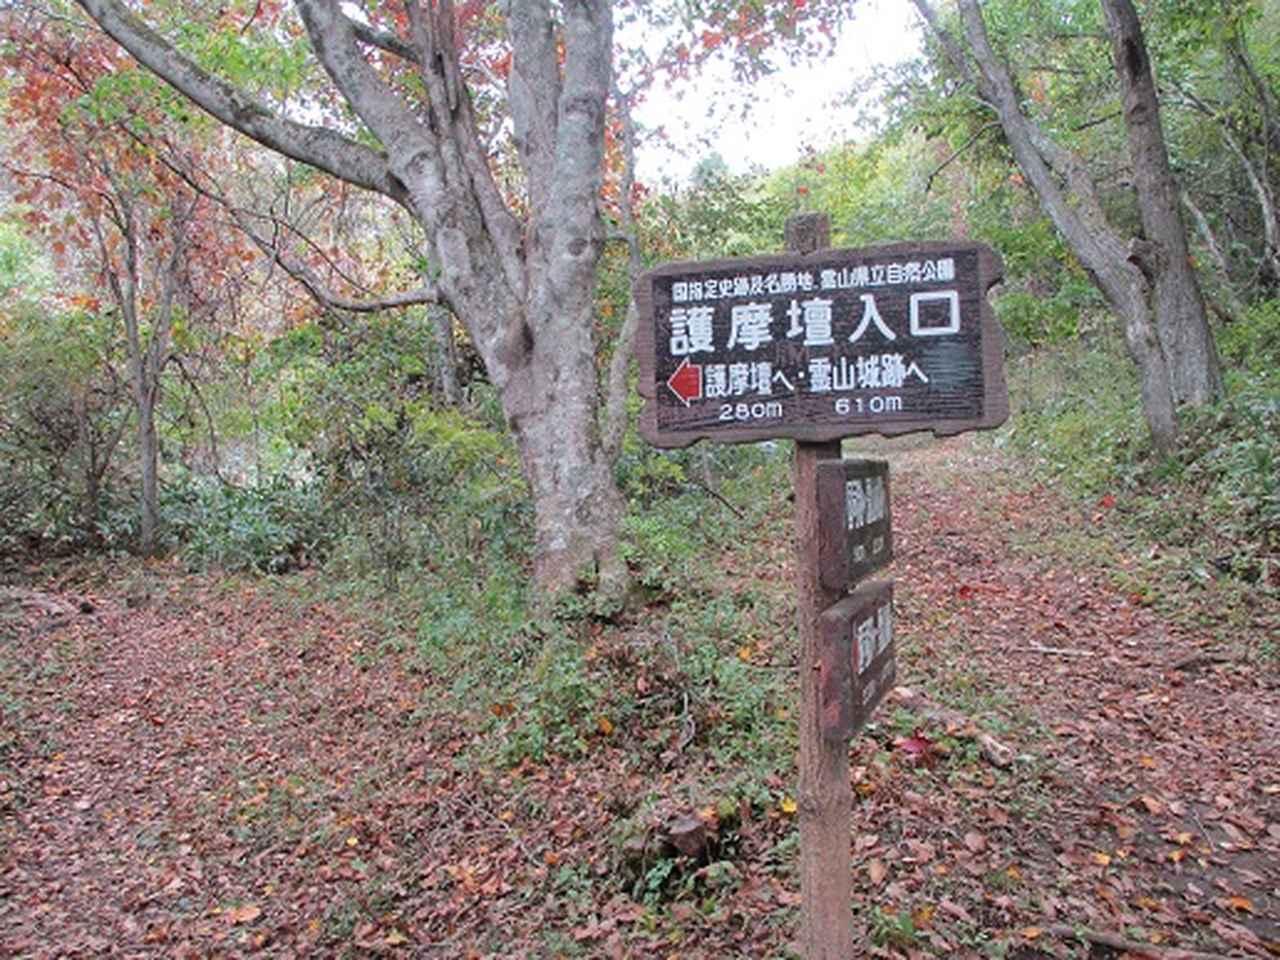 画像5: 岡田健ガイドより、霊山(りょうぜん)ツアーの直前下見報告